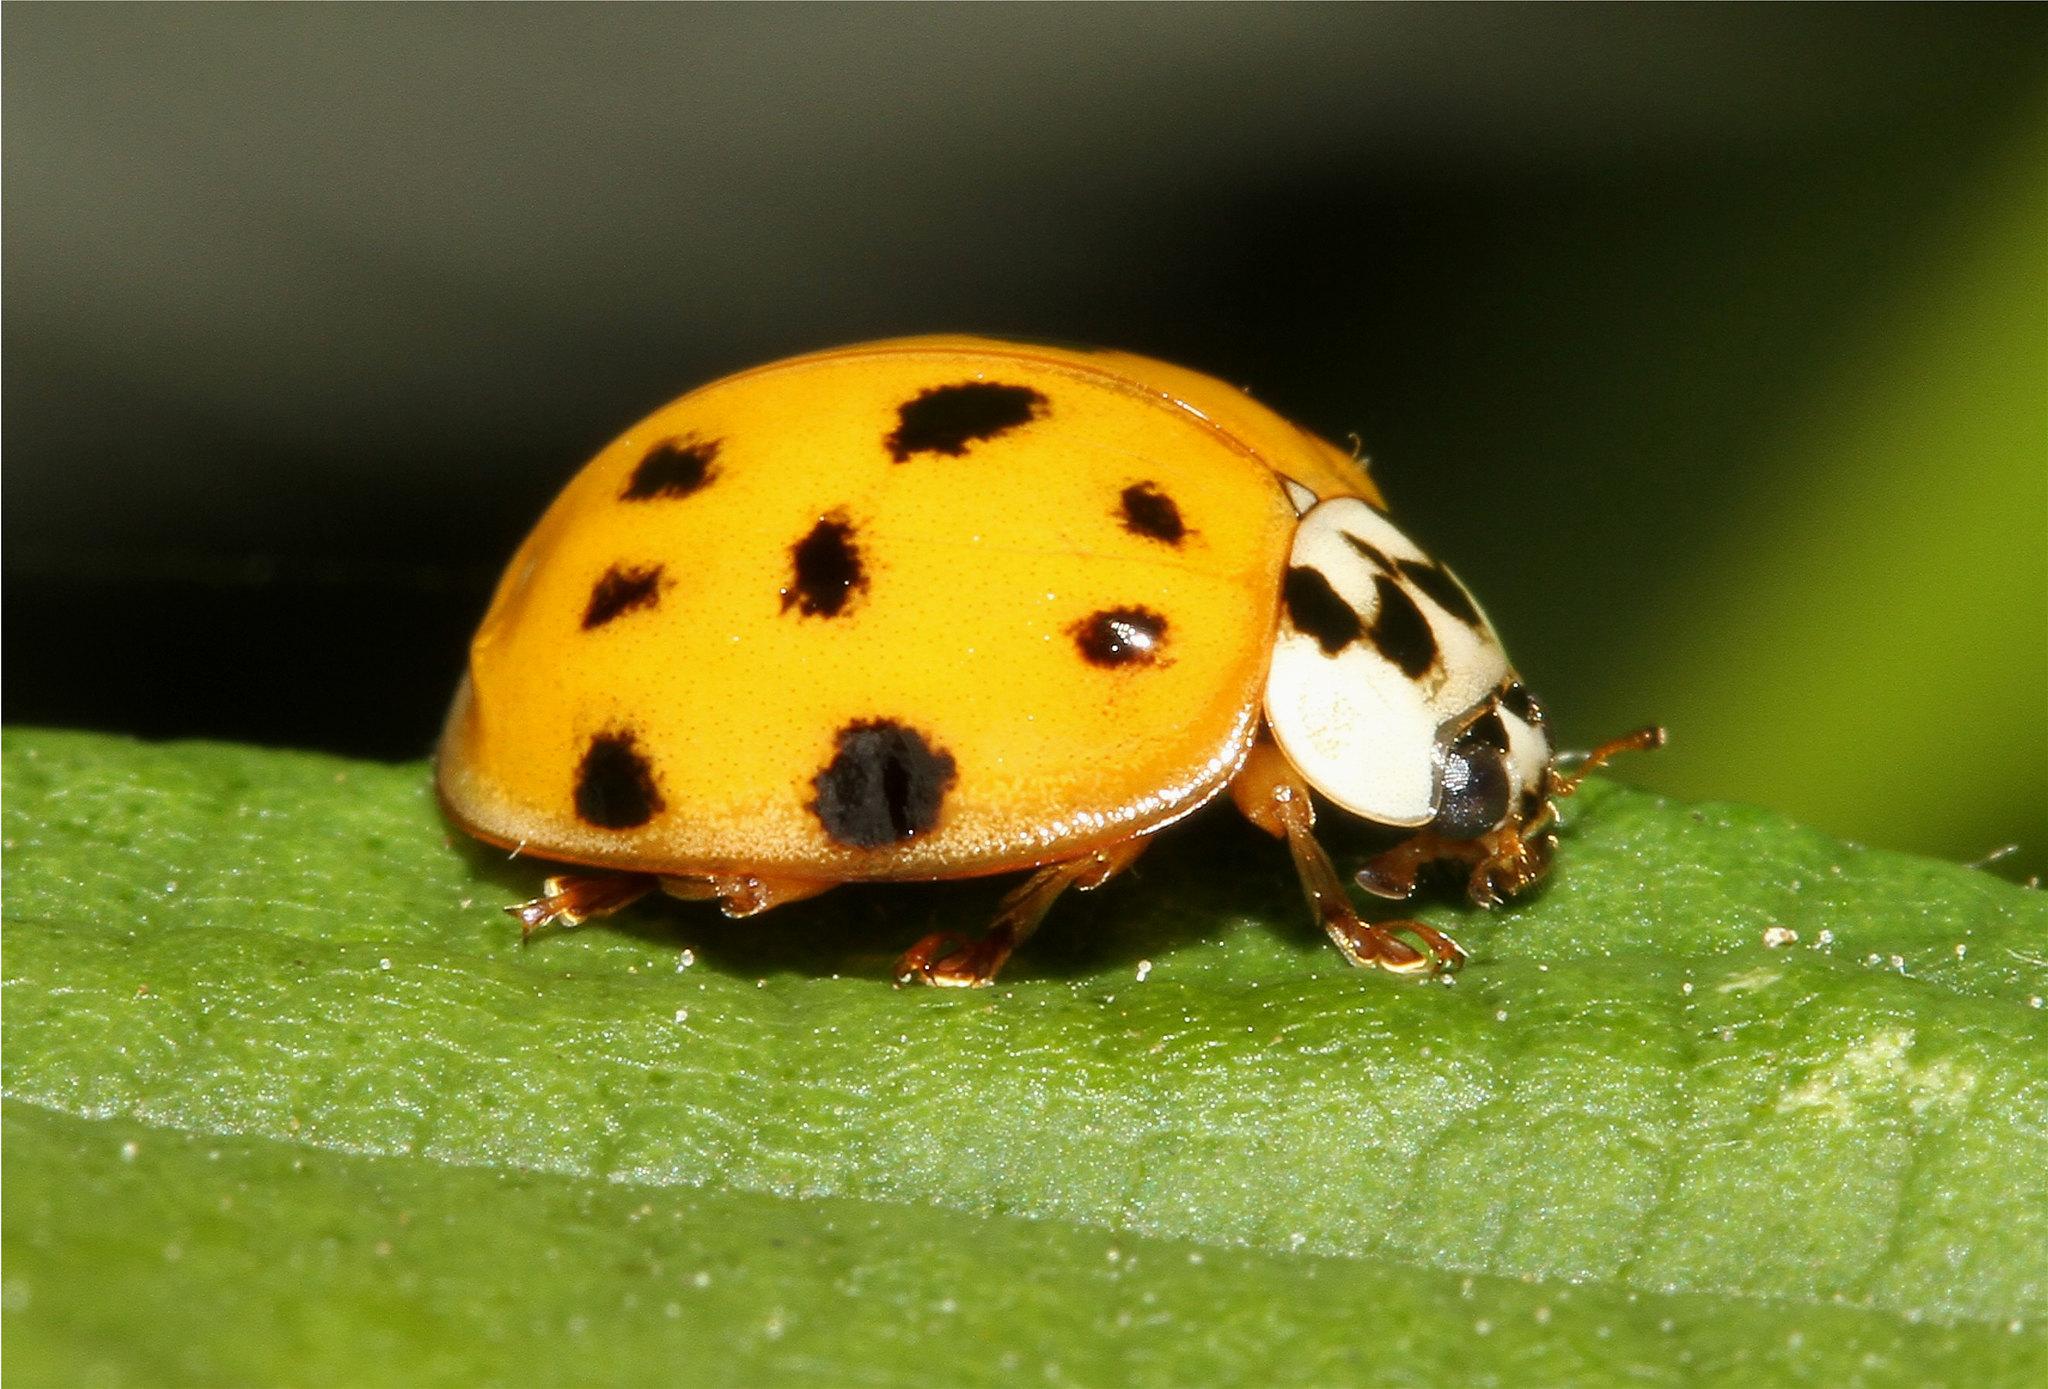 Harmonia axyridis (Multi Coloured Asian Lady Beetle)